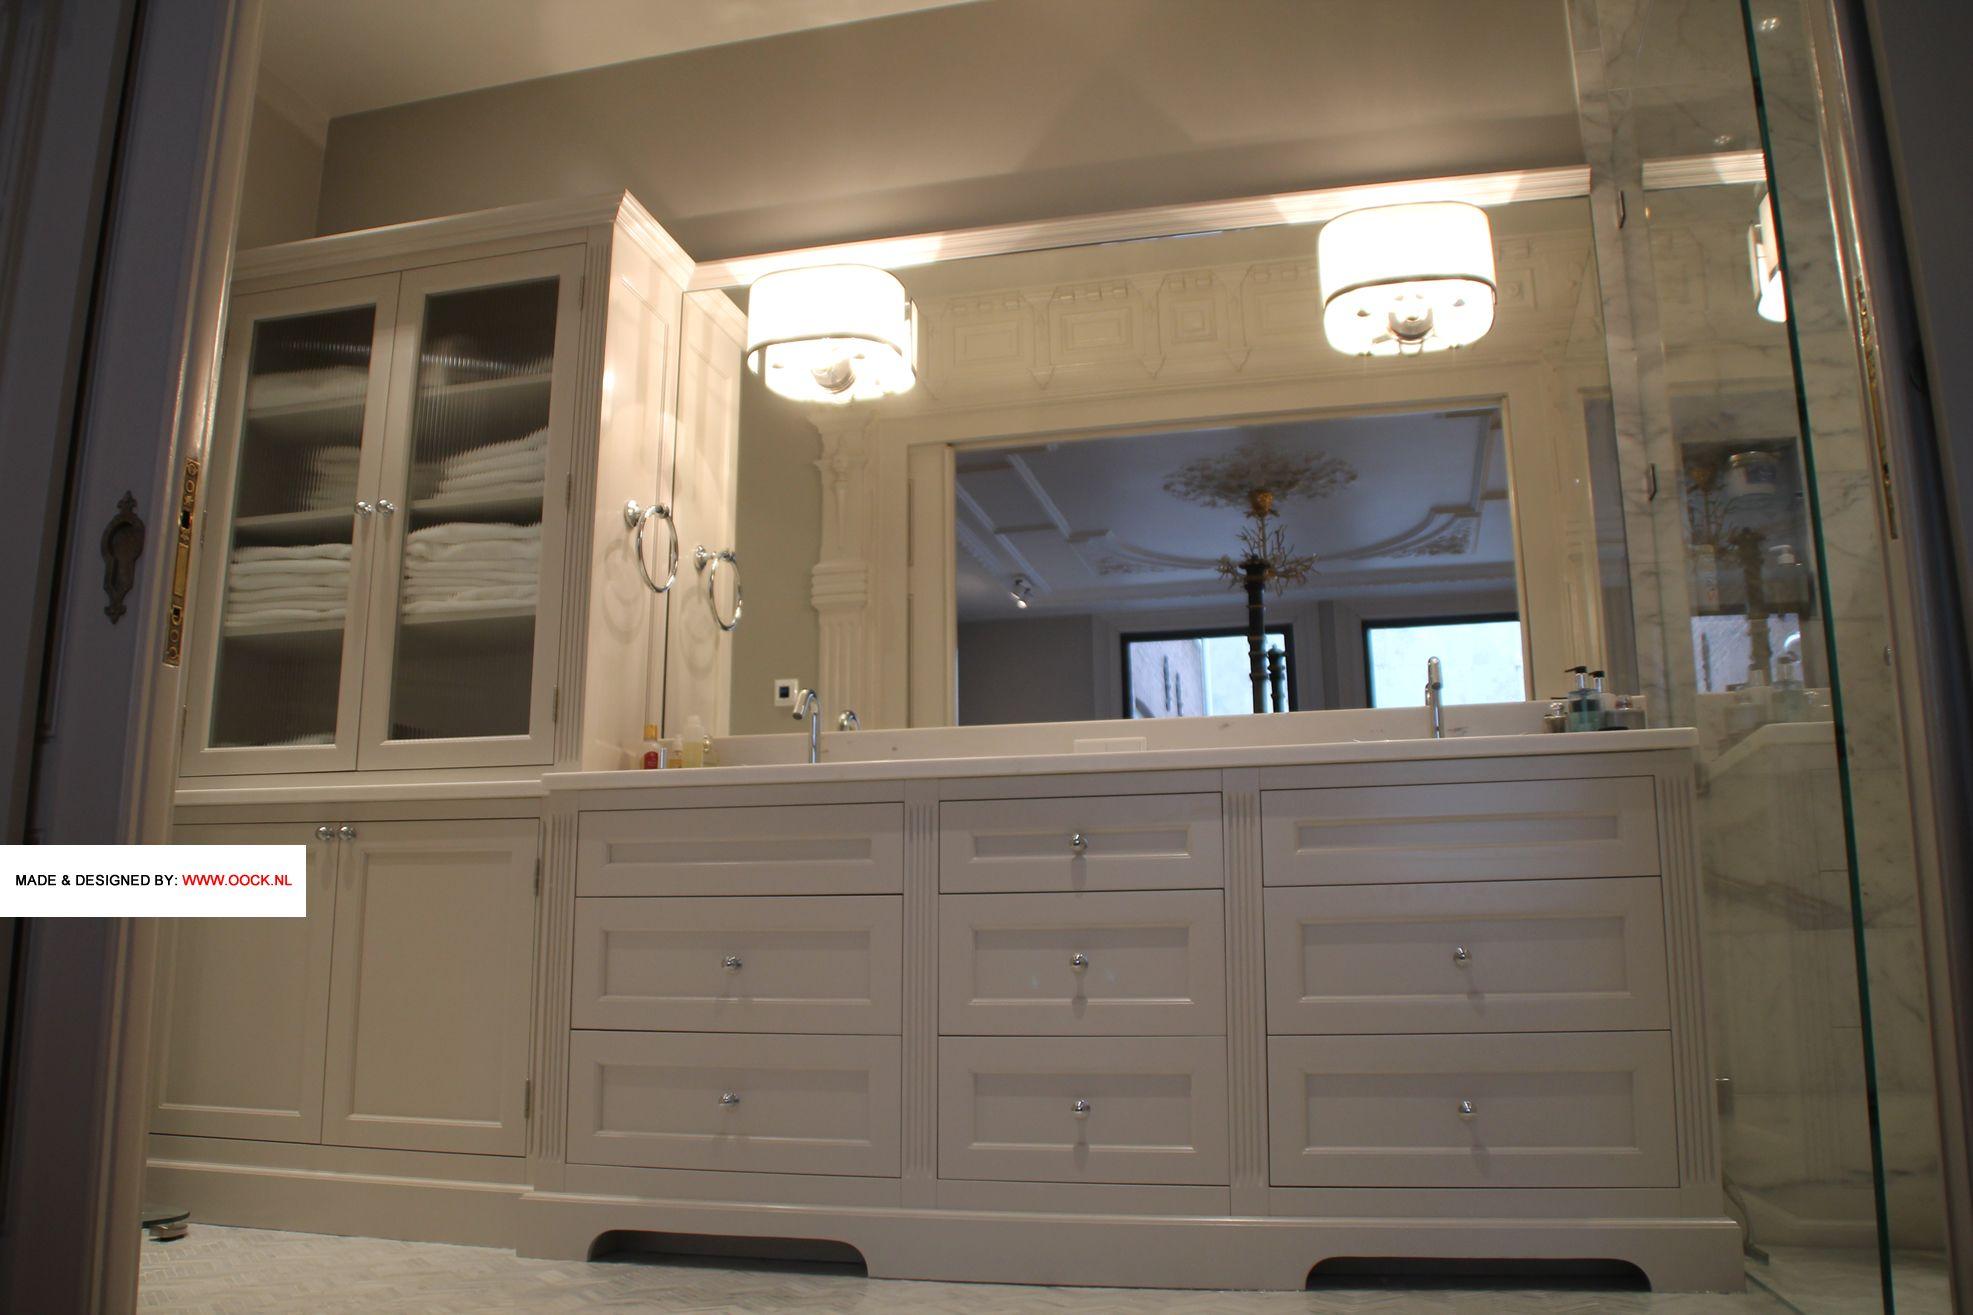 Badkamer meubel op maat klassieke kast voor in de klassieke badkamer details zijn het marmeren - Klassieke badkamer meubels ...